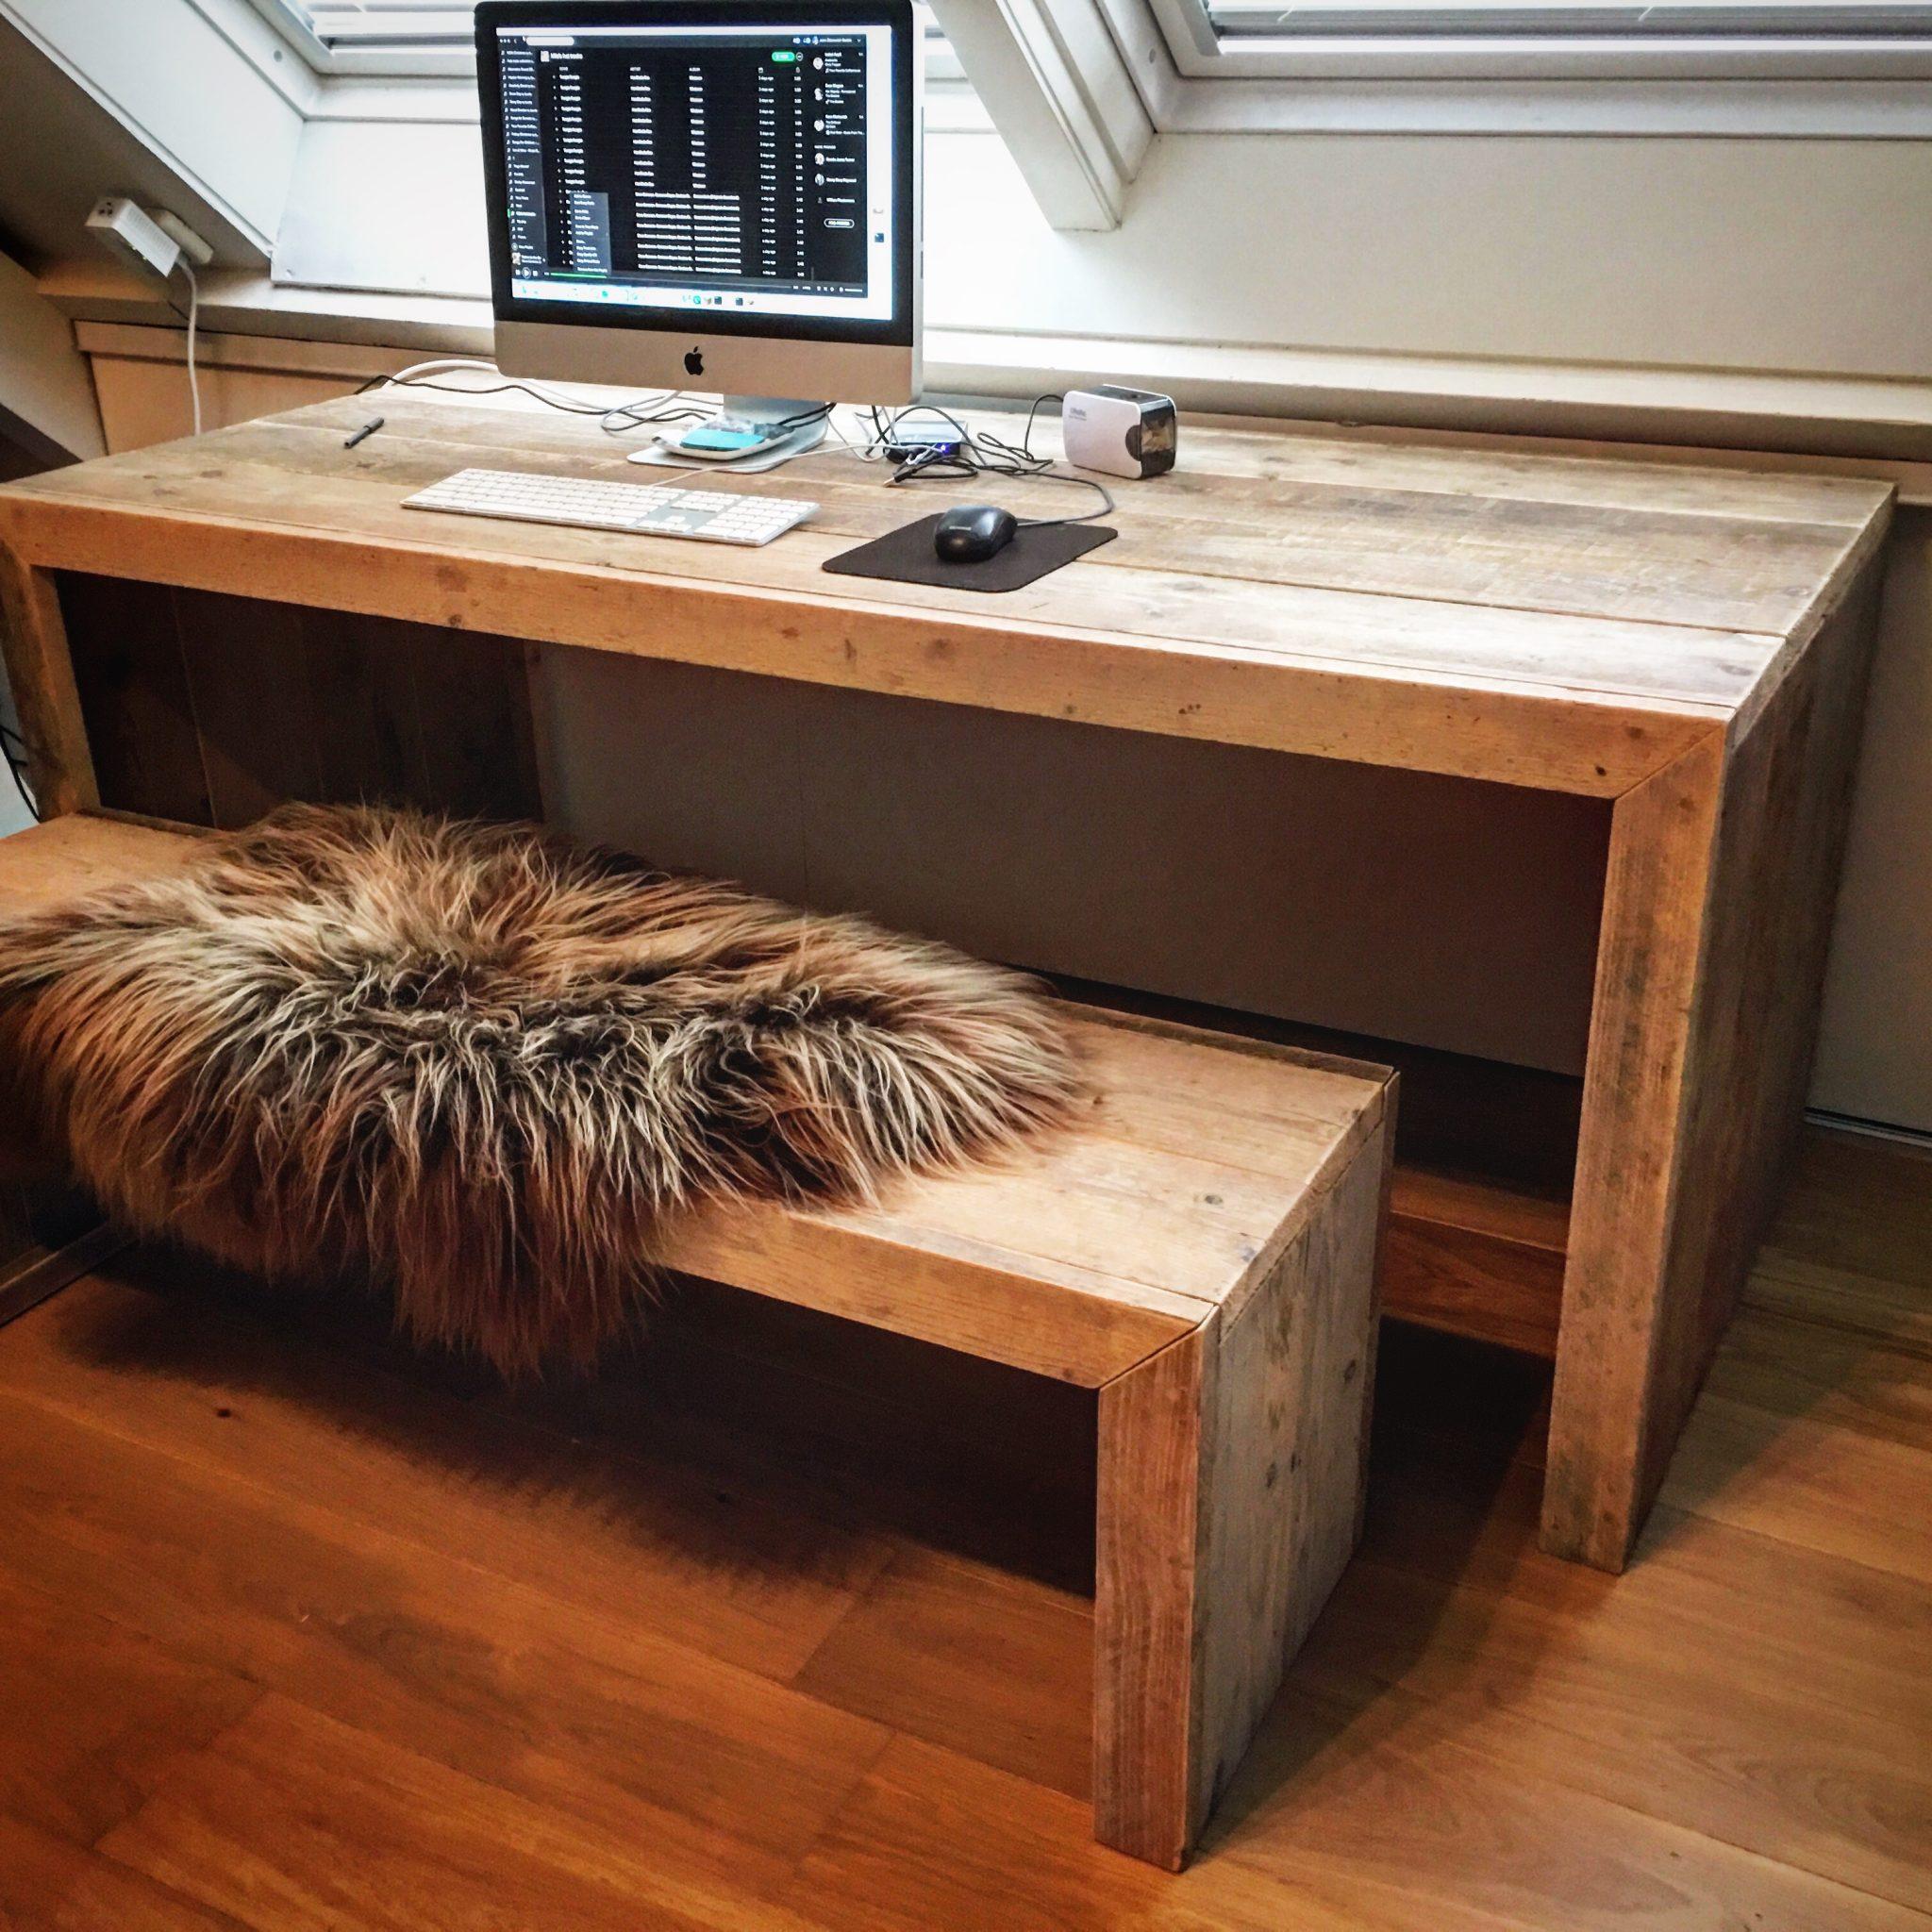 5x mooie steigerhouten meubelen bouwsuper for Bureau van steigerhout maken